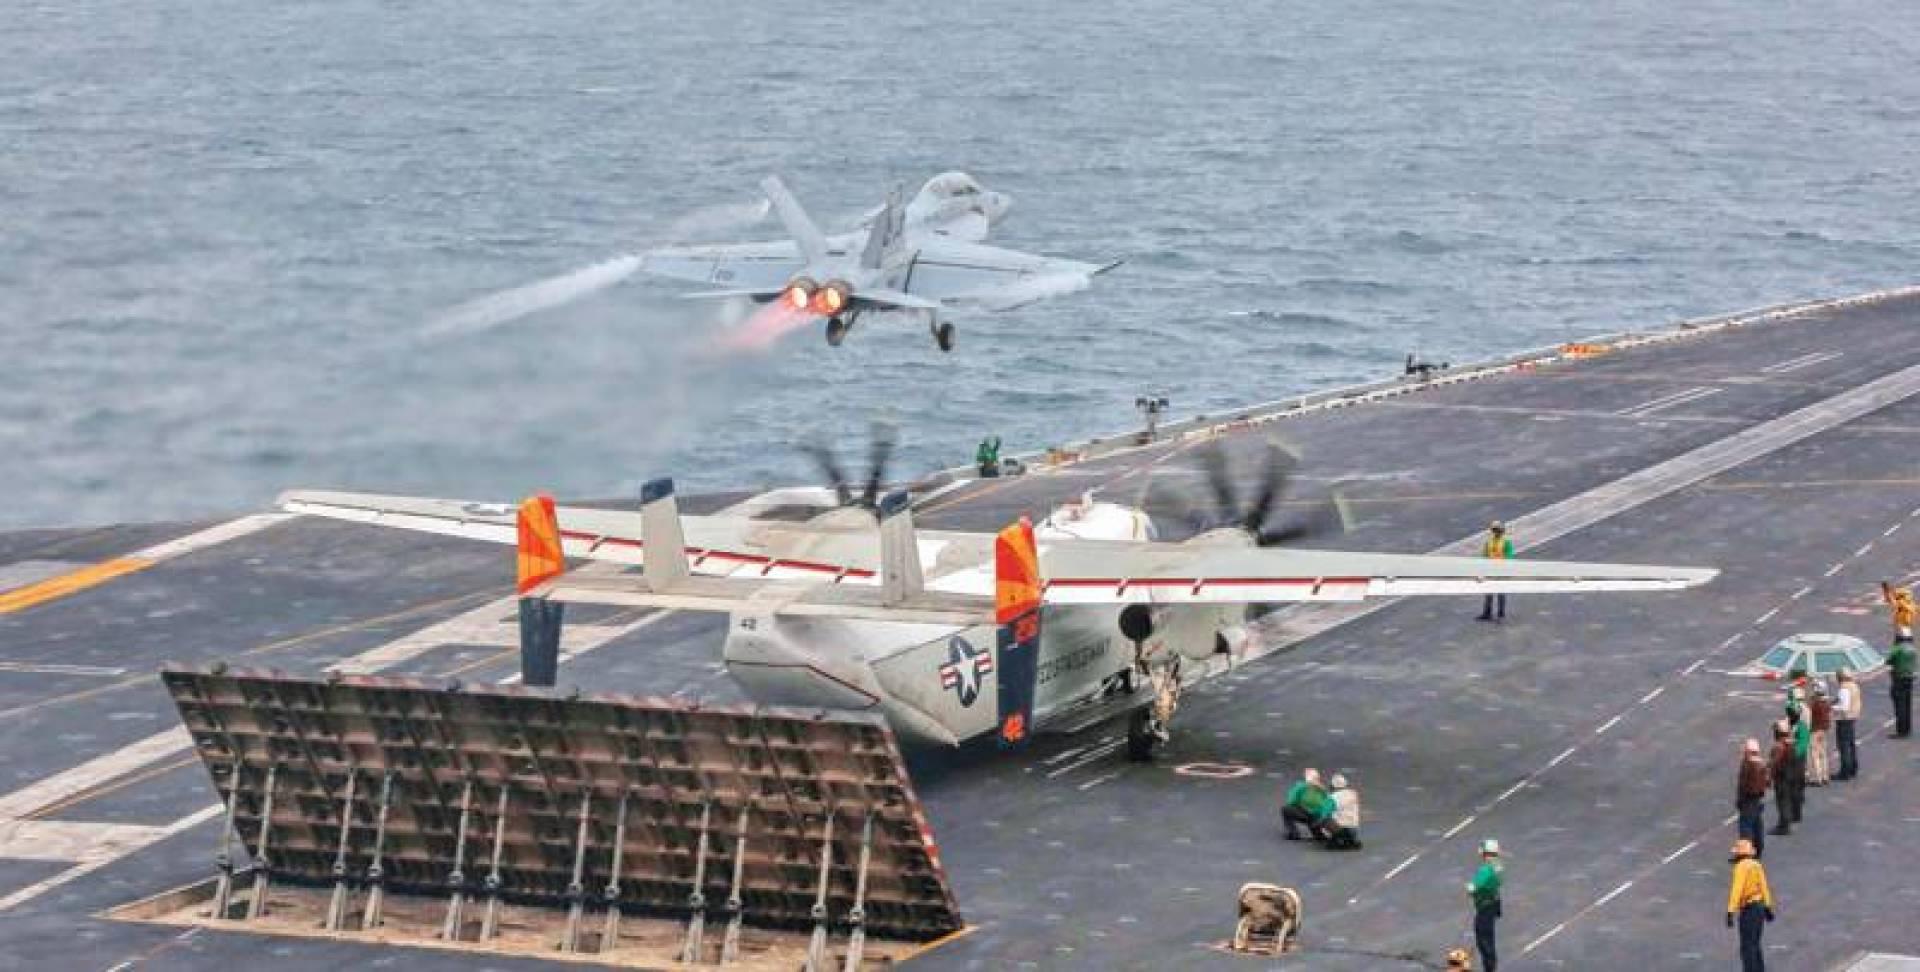 مقاتلة أميركية تقلع من فوق متن حاملة الطائرات لينكولن في بحر العرب | البحرية الأميركية